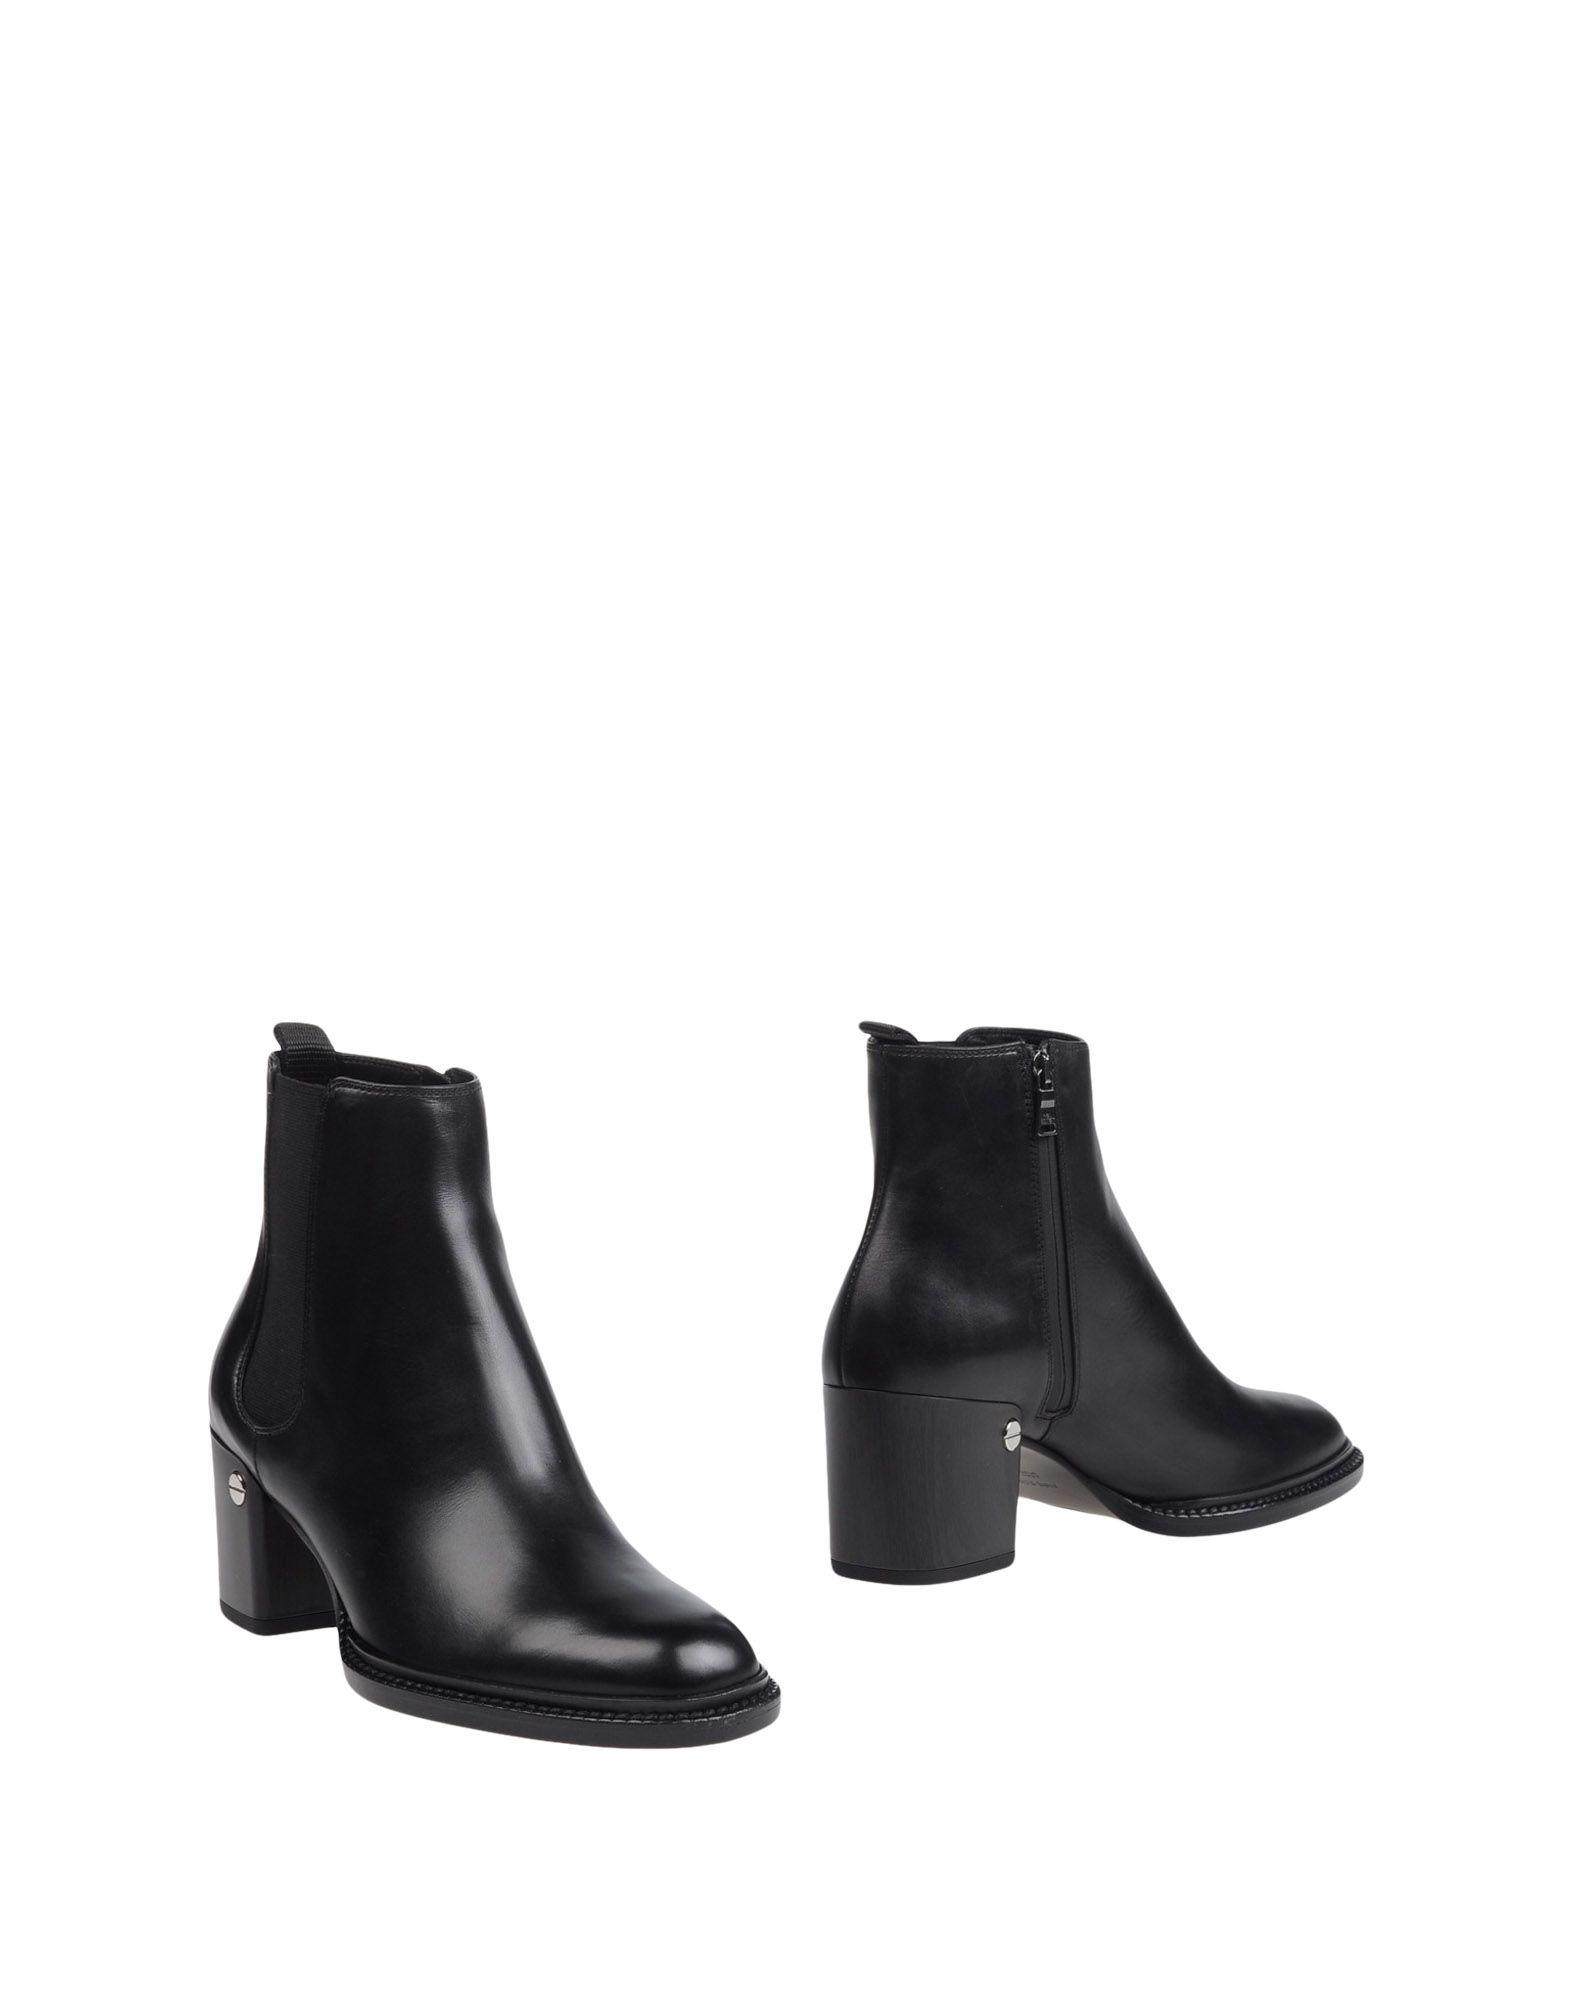 NEIL BARRETT Полусапоги и высокие ботинки цены онлайн